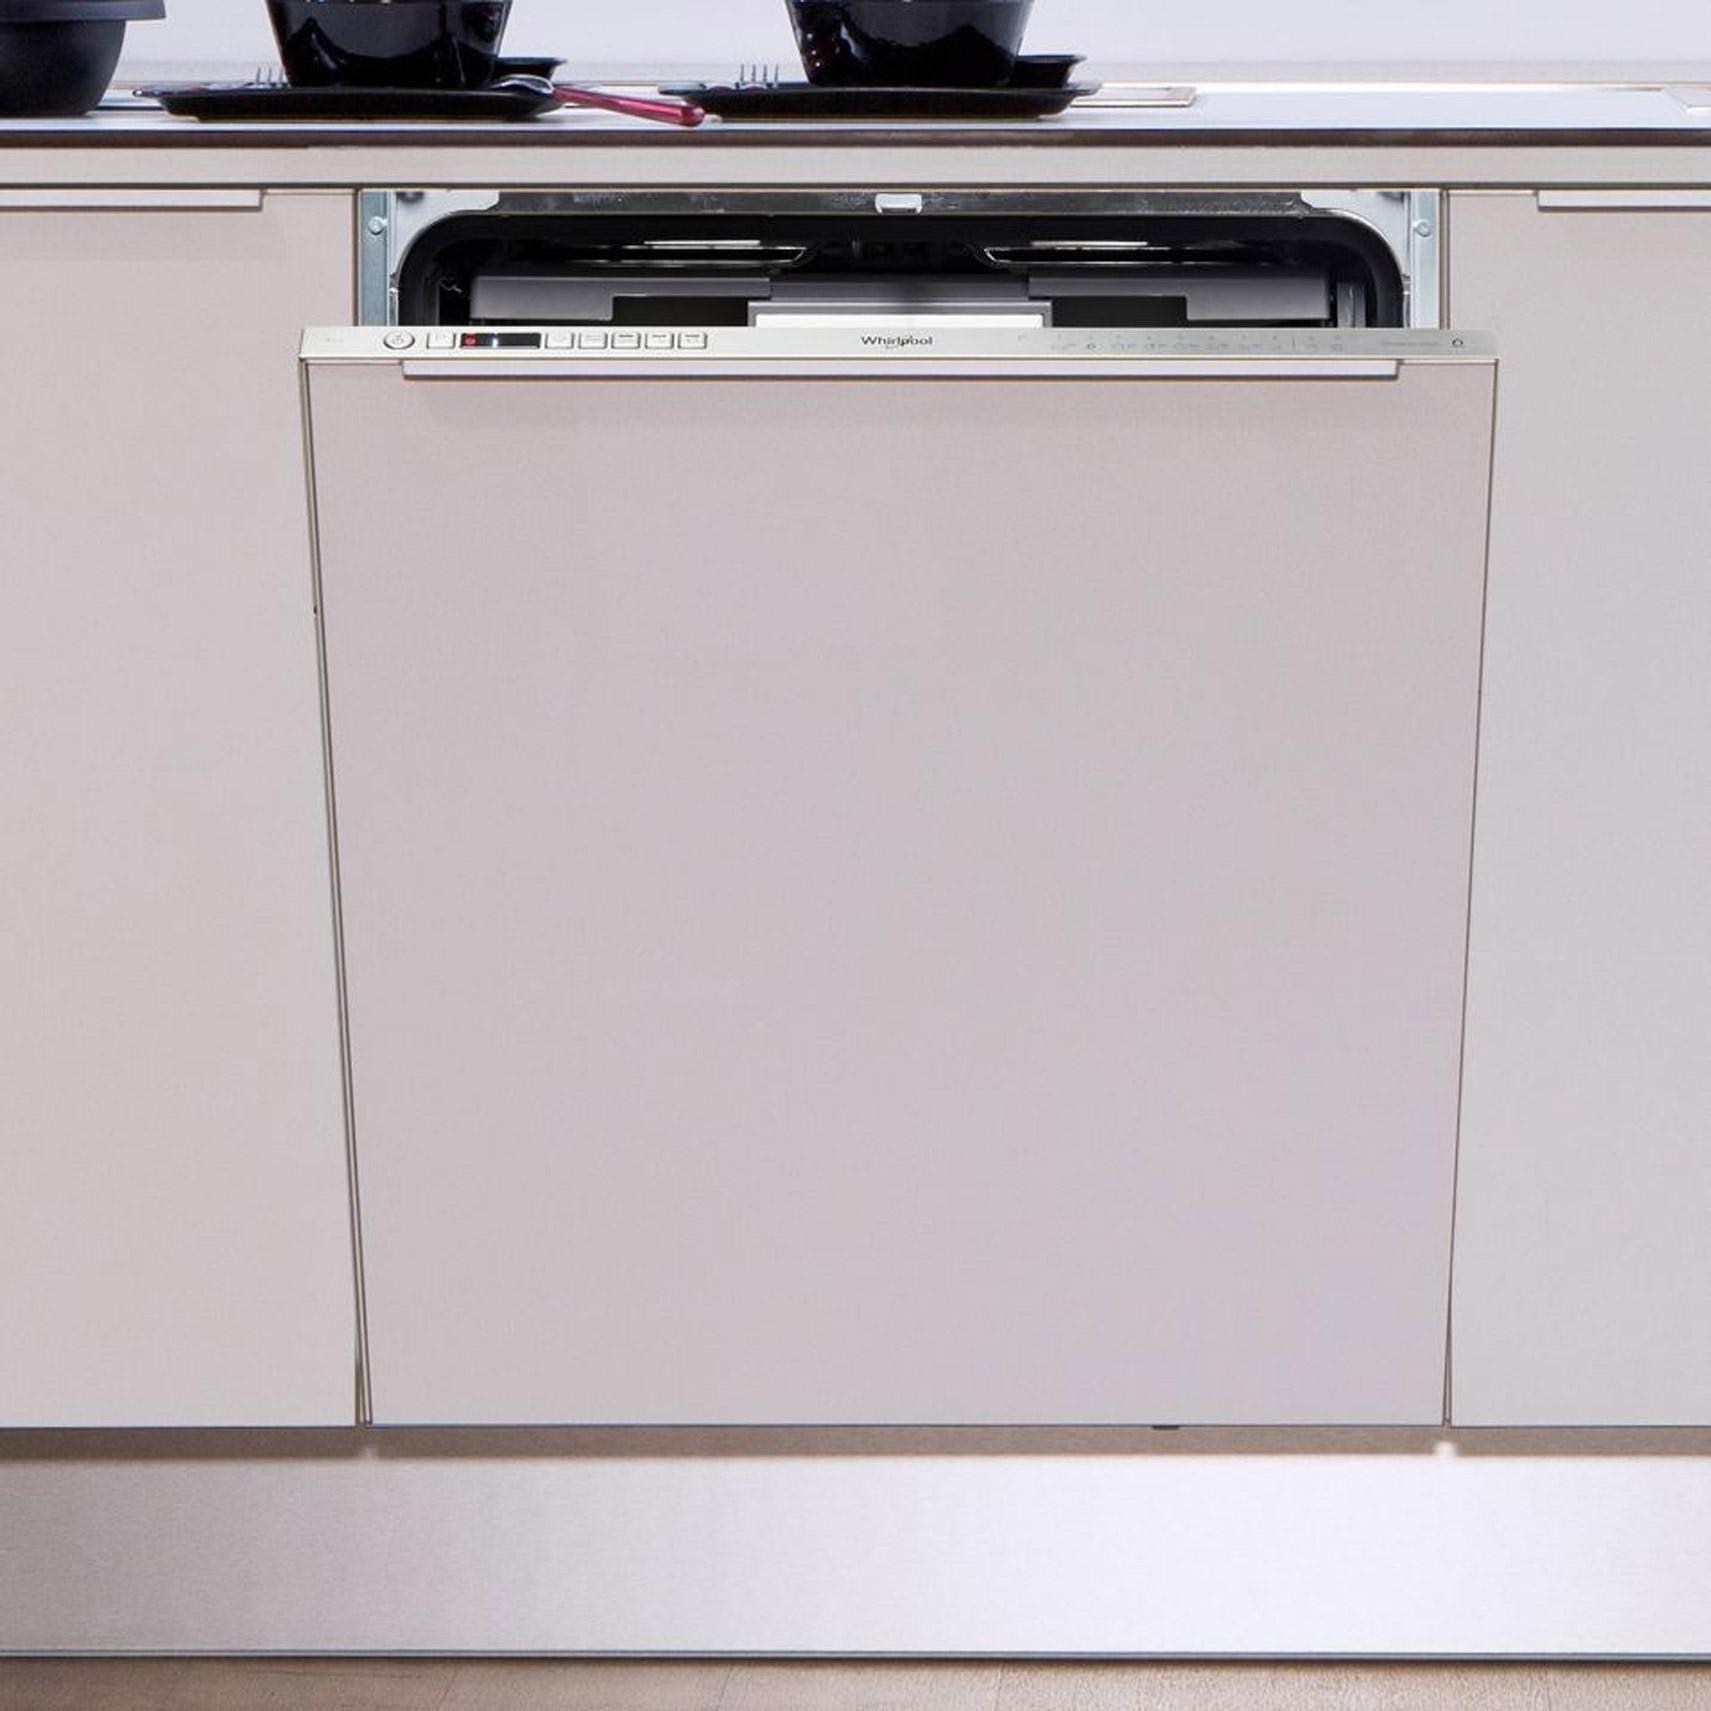 Peinture Pour Lave Vaisselle lave-vaisselle encastrable l.59.4 cm whirlpool wio3t123pef, 14 couverts